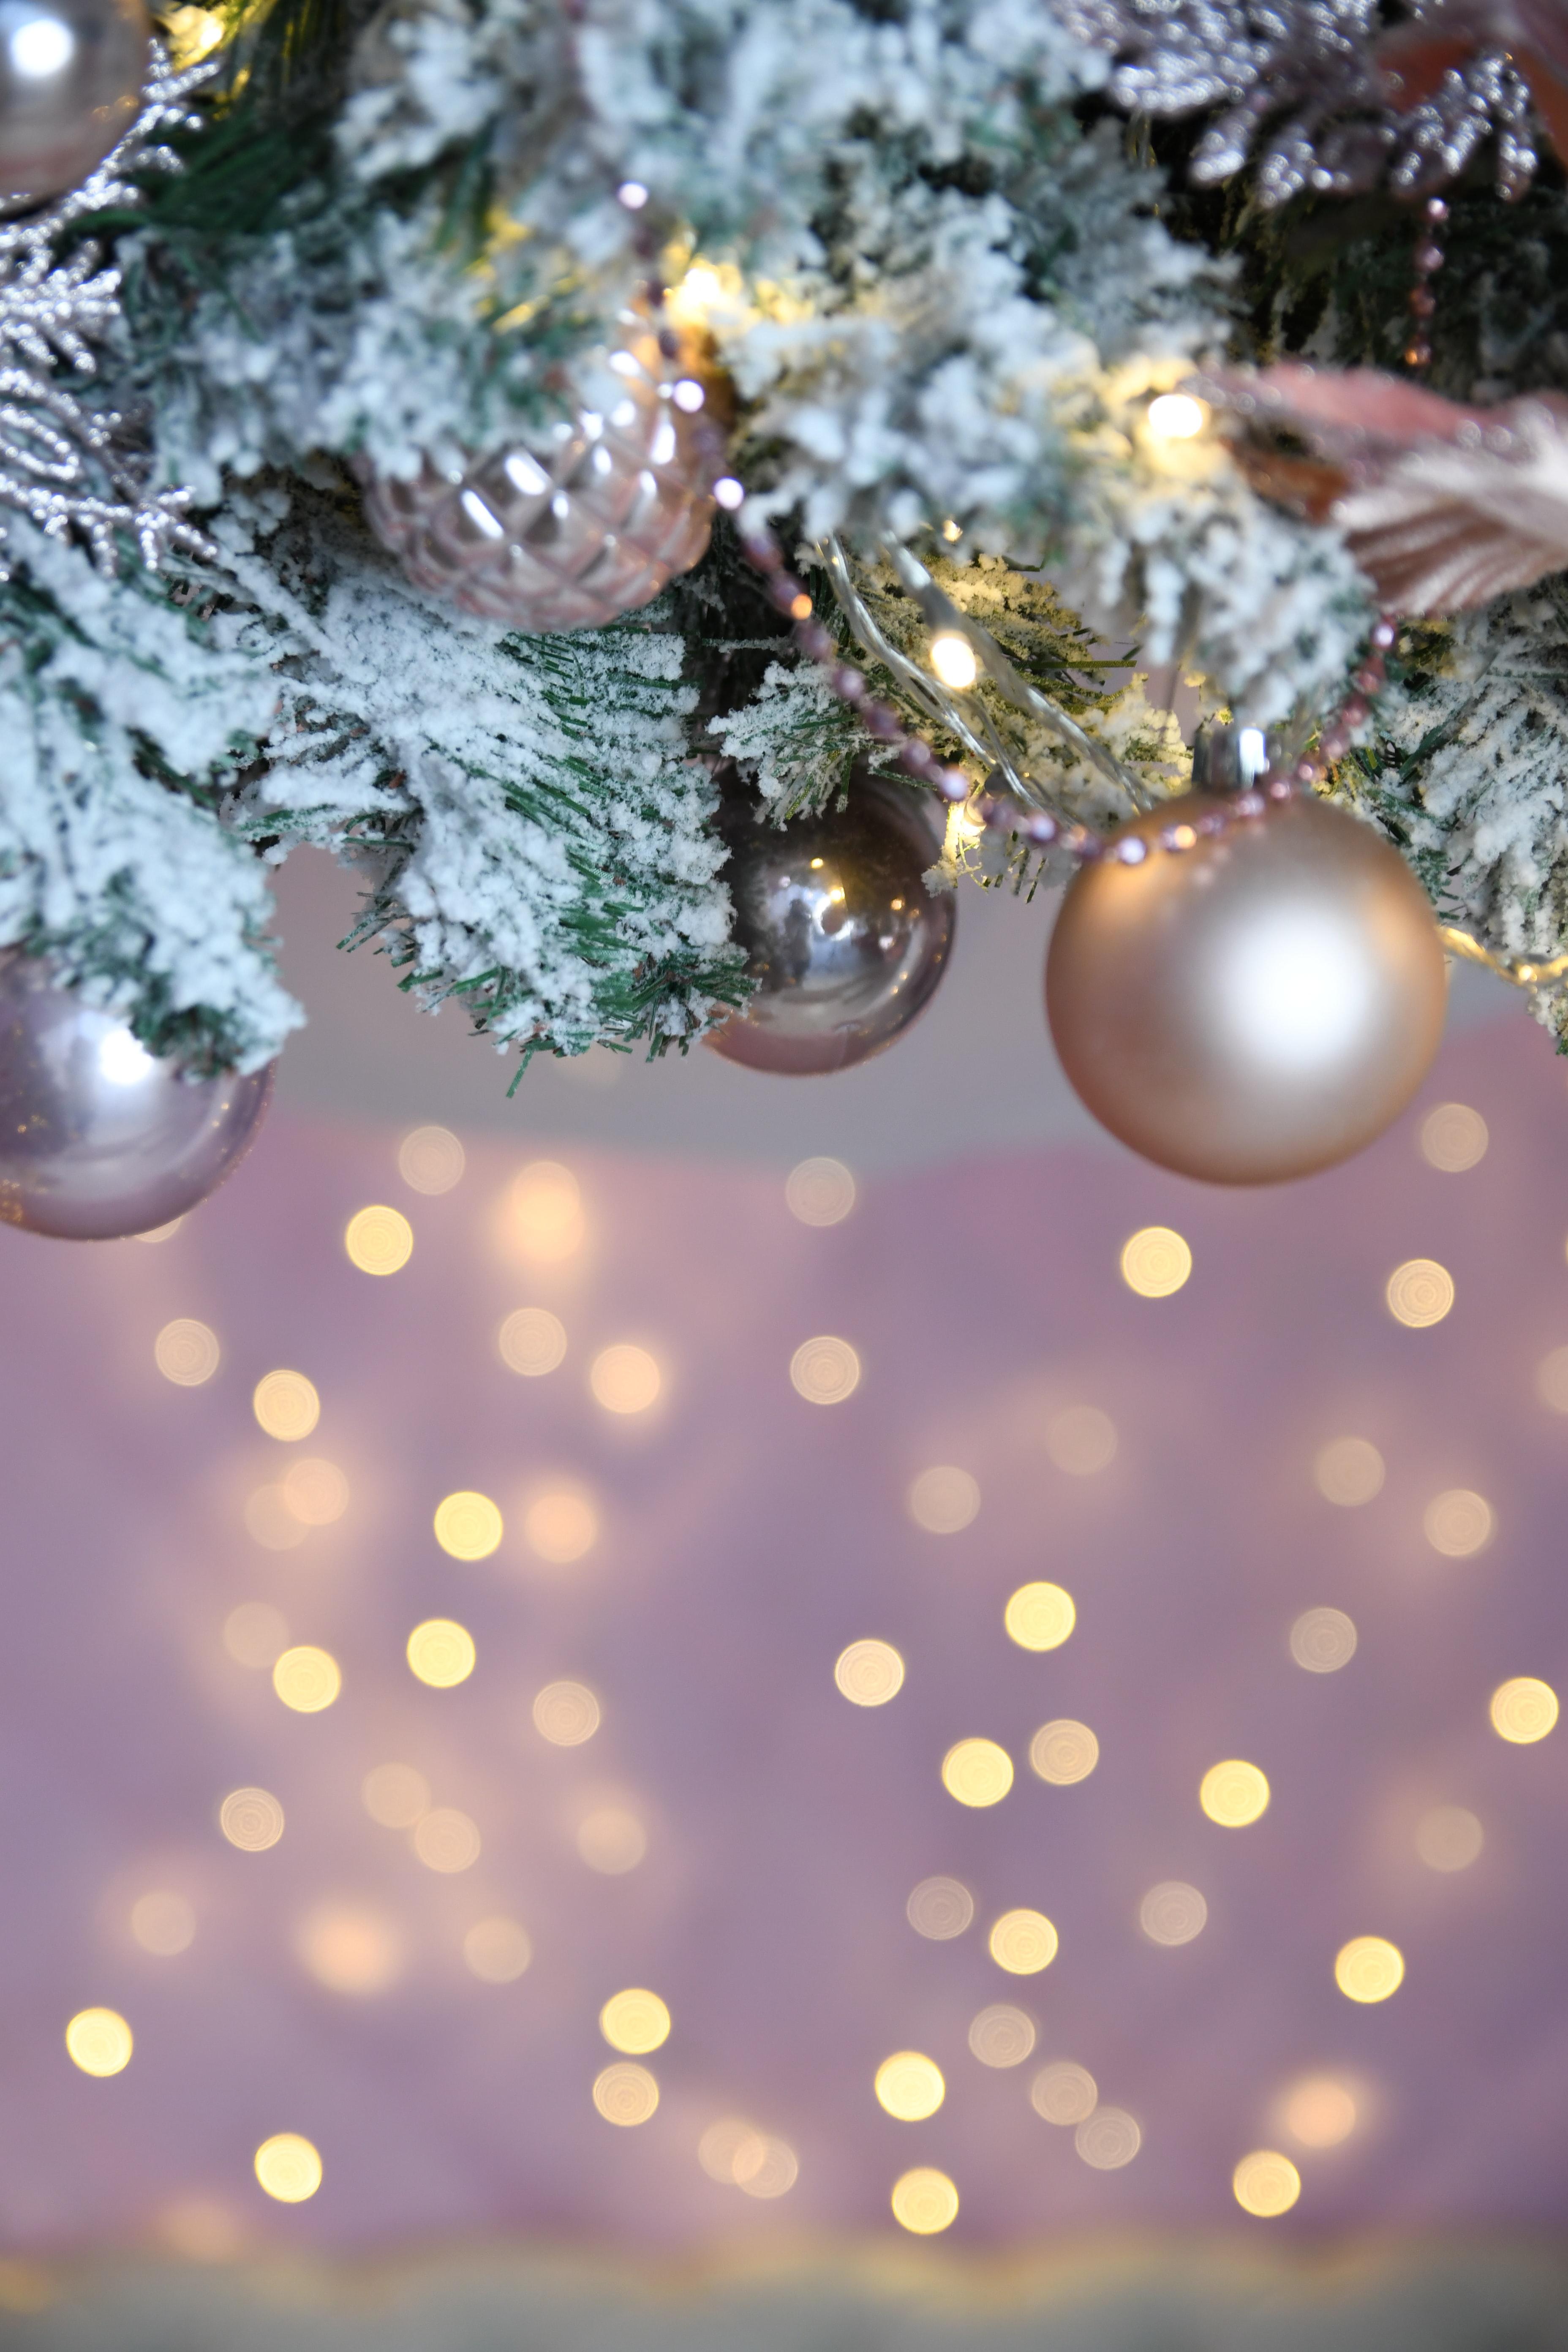 95361 Заставки и Обои Праздники на телефон. Скачать Праздники, Шары, Гирлянда, Снег, Елка, Новый Год, Рождество картинки бесплатно